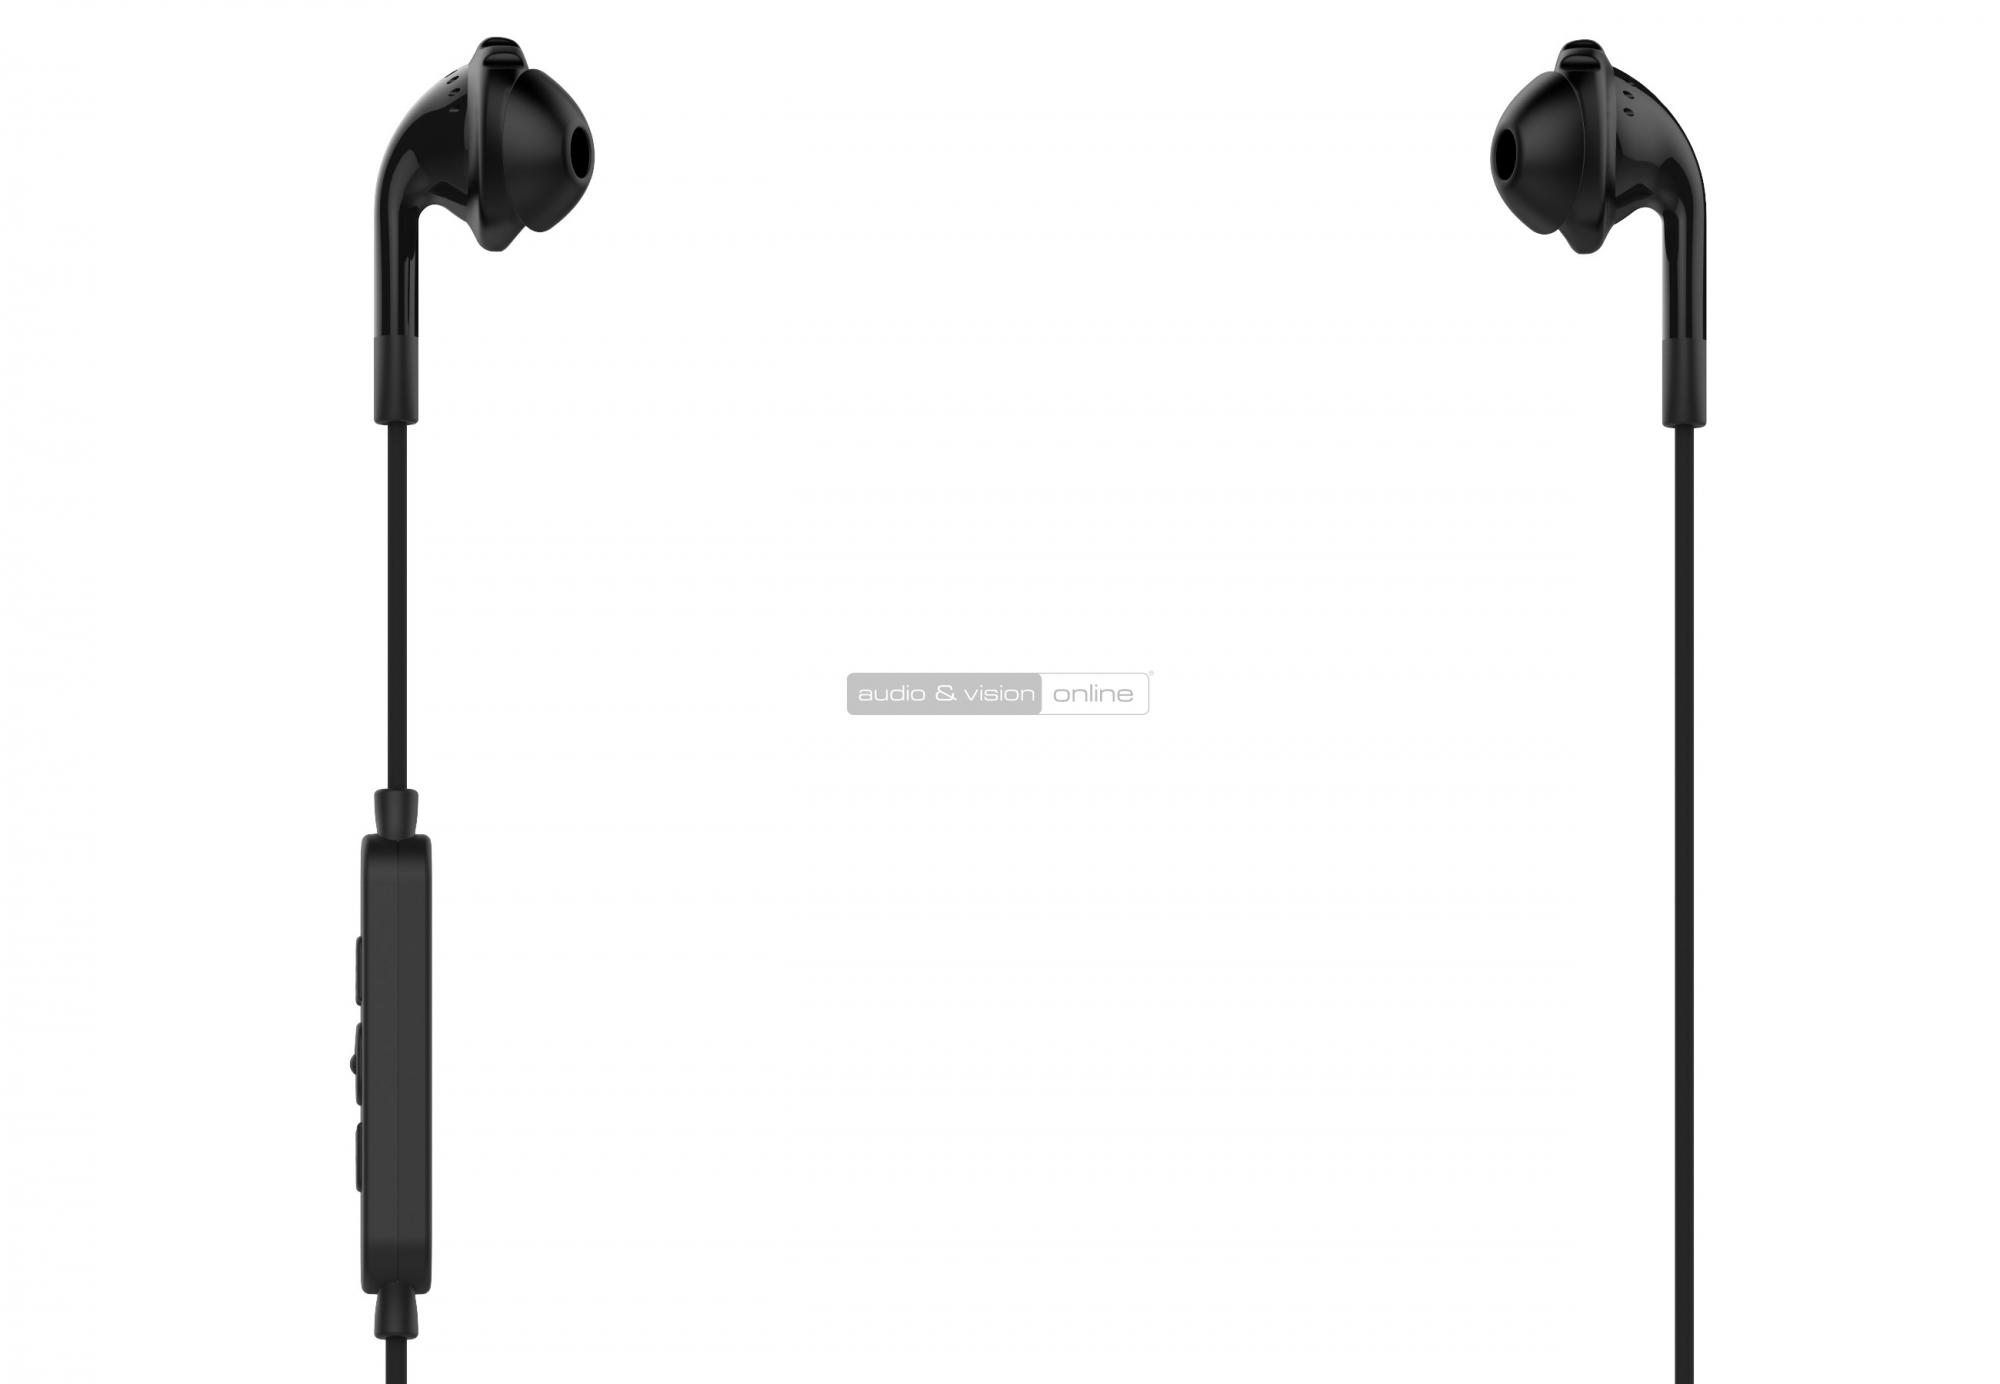 JBL Inspire 500 In-Ear Wireless Bluetooth sportfülhallgató teszt | av-online.hu